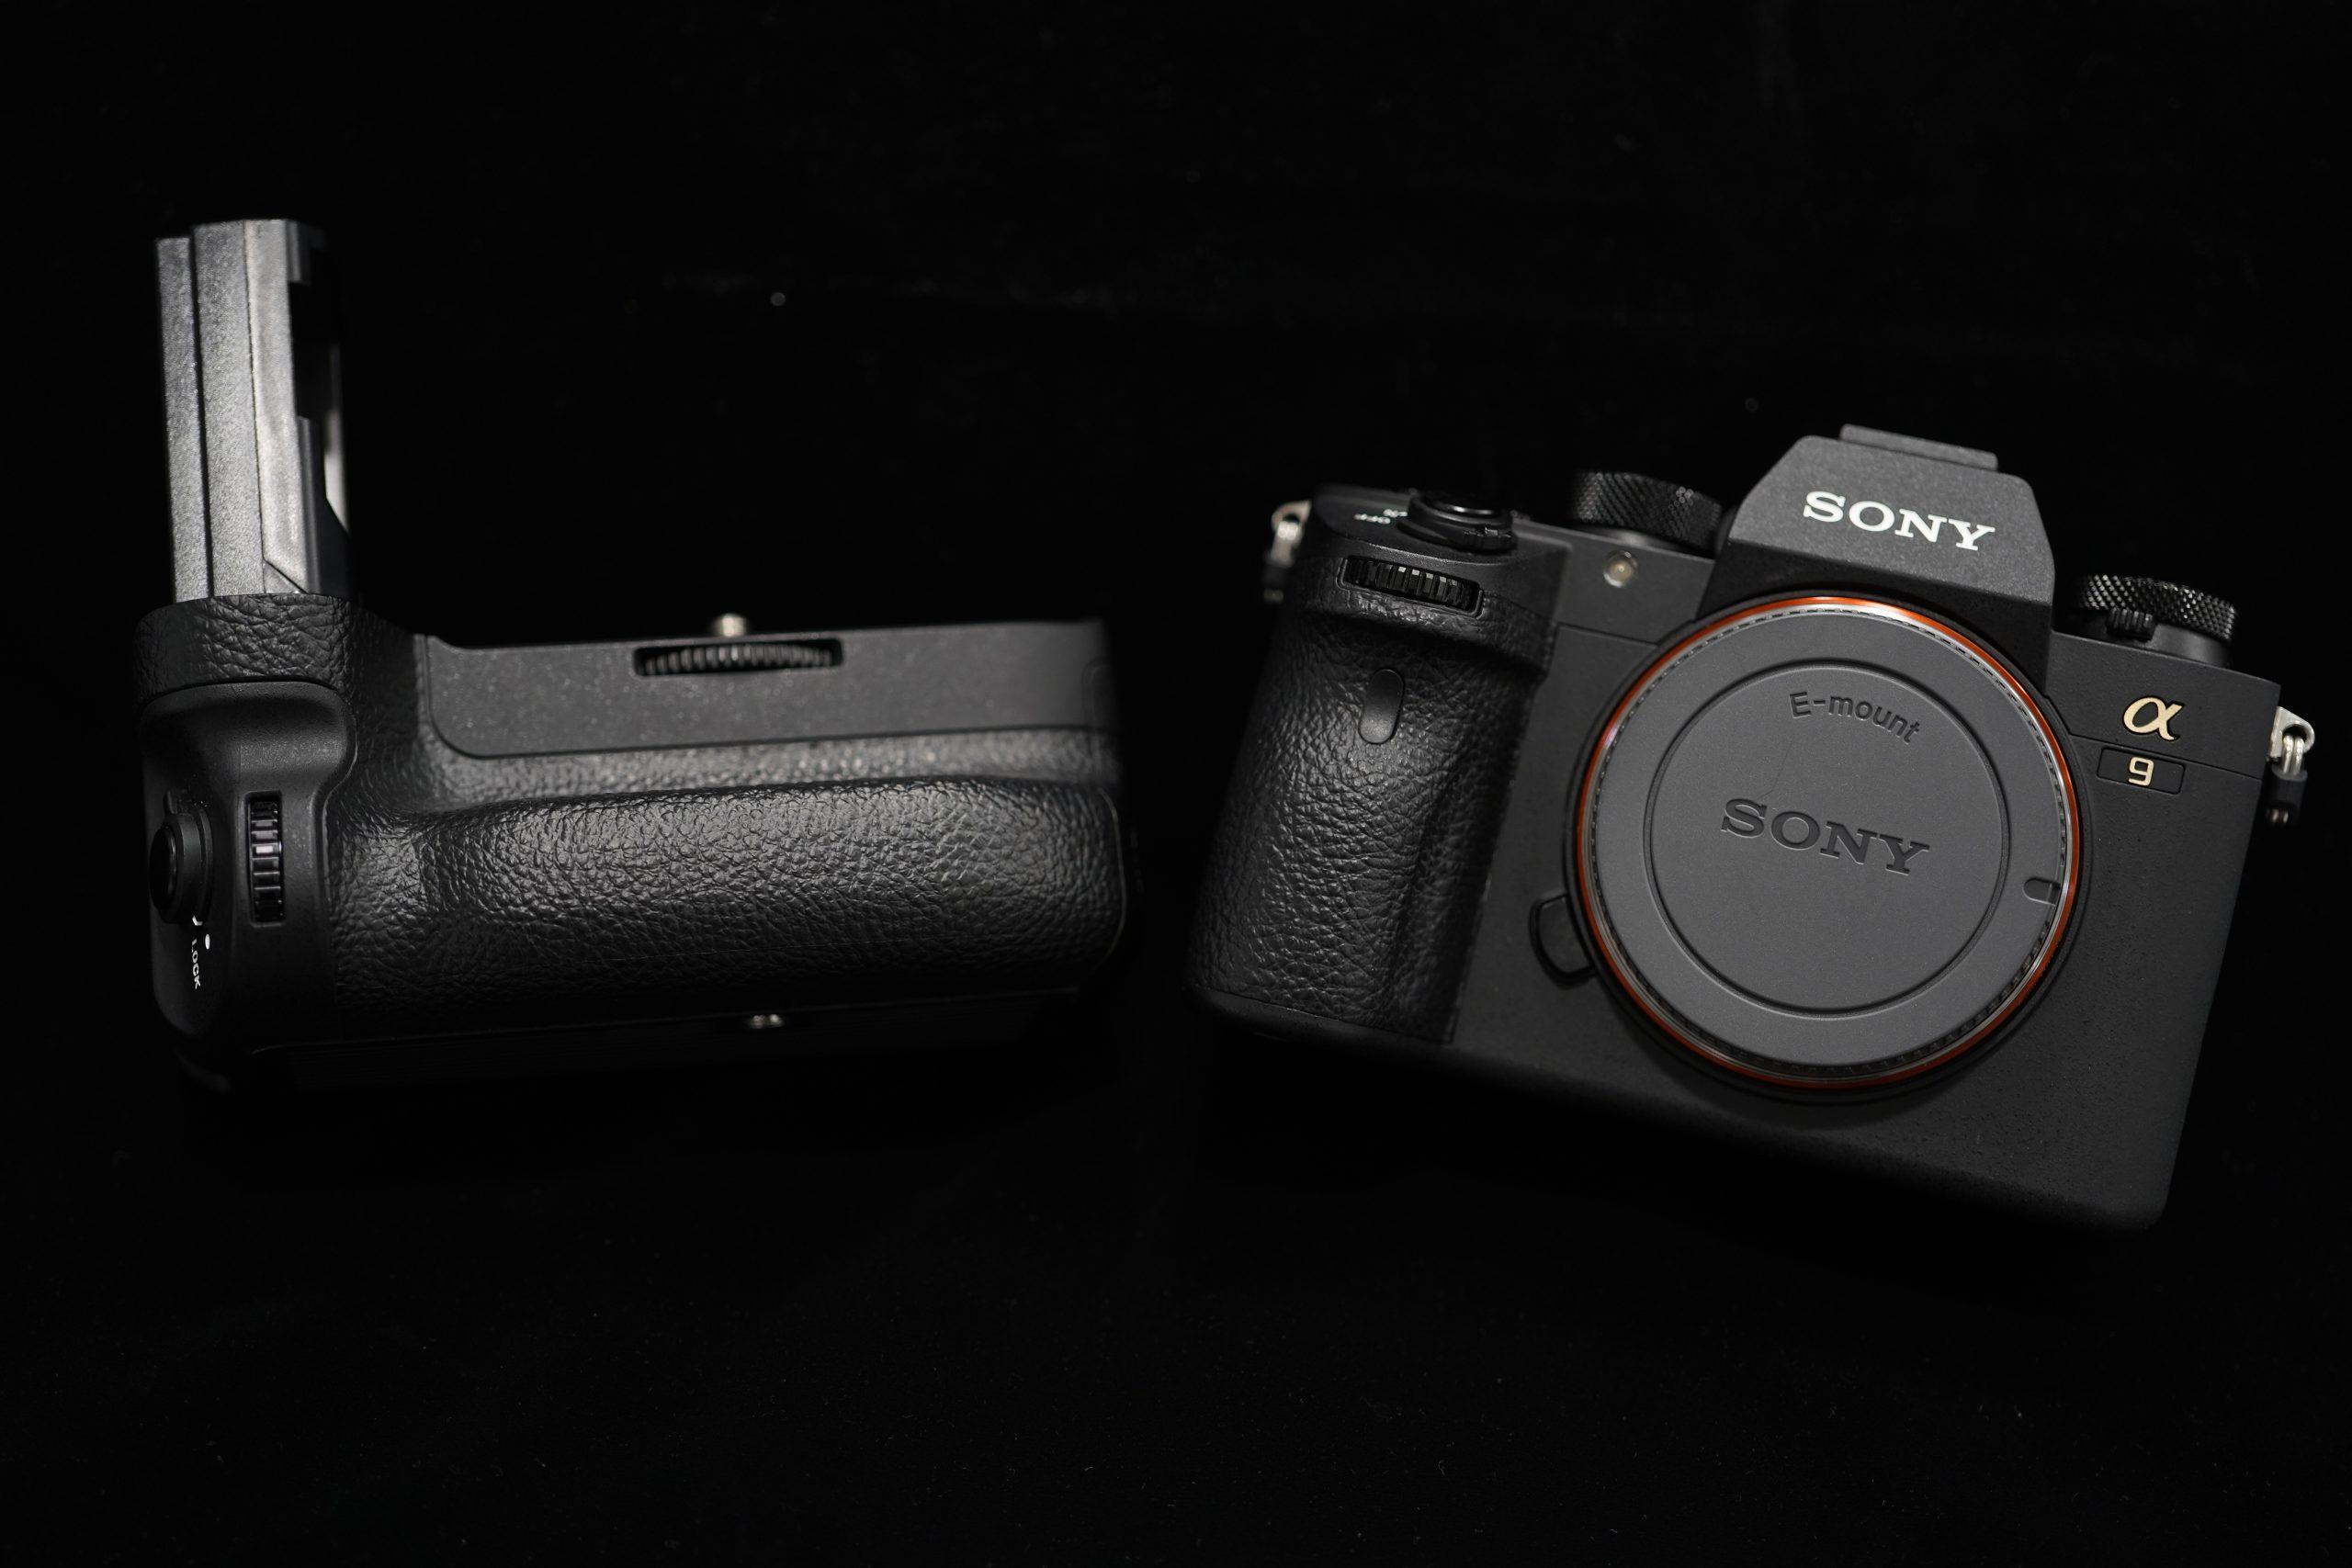 【SONY】Camera Technique Vol.17 縦位置グリップの装着方法